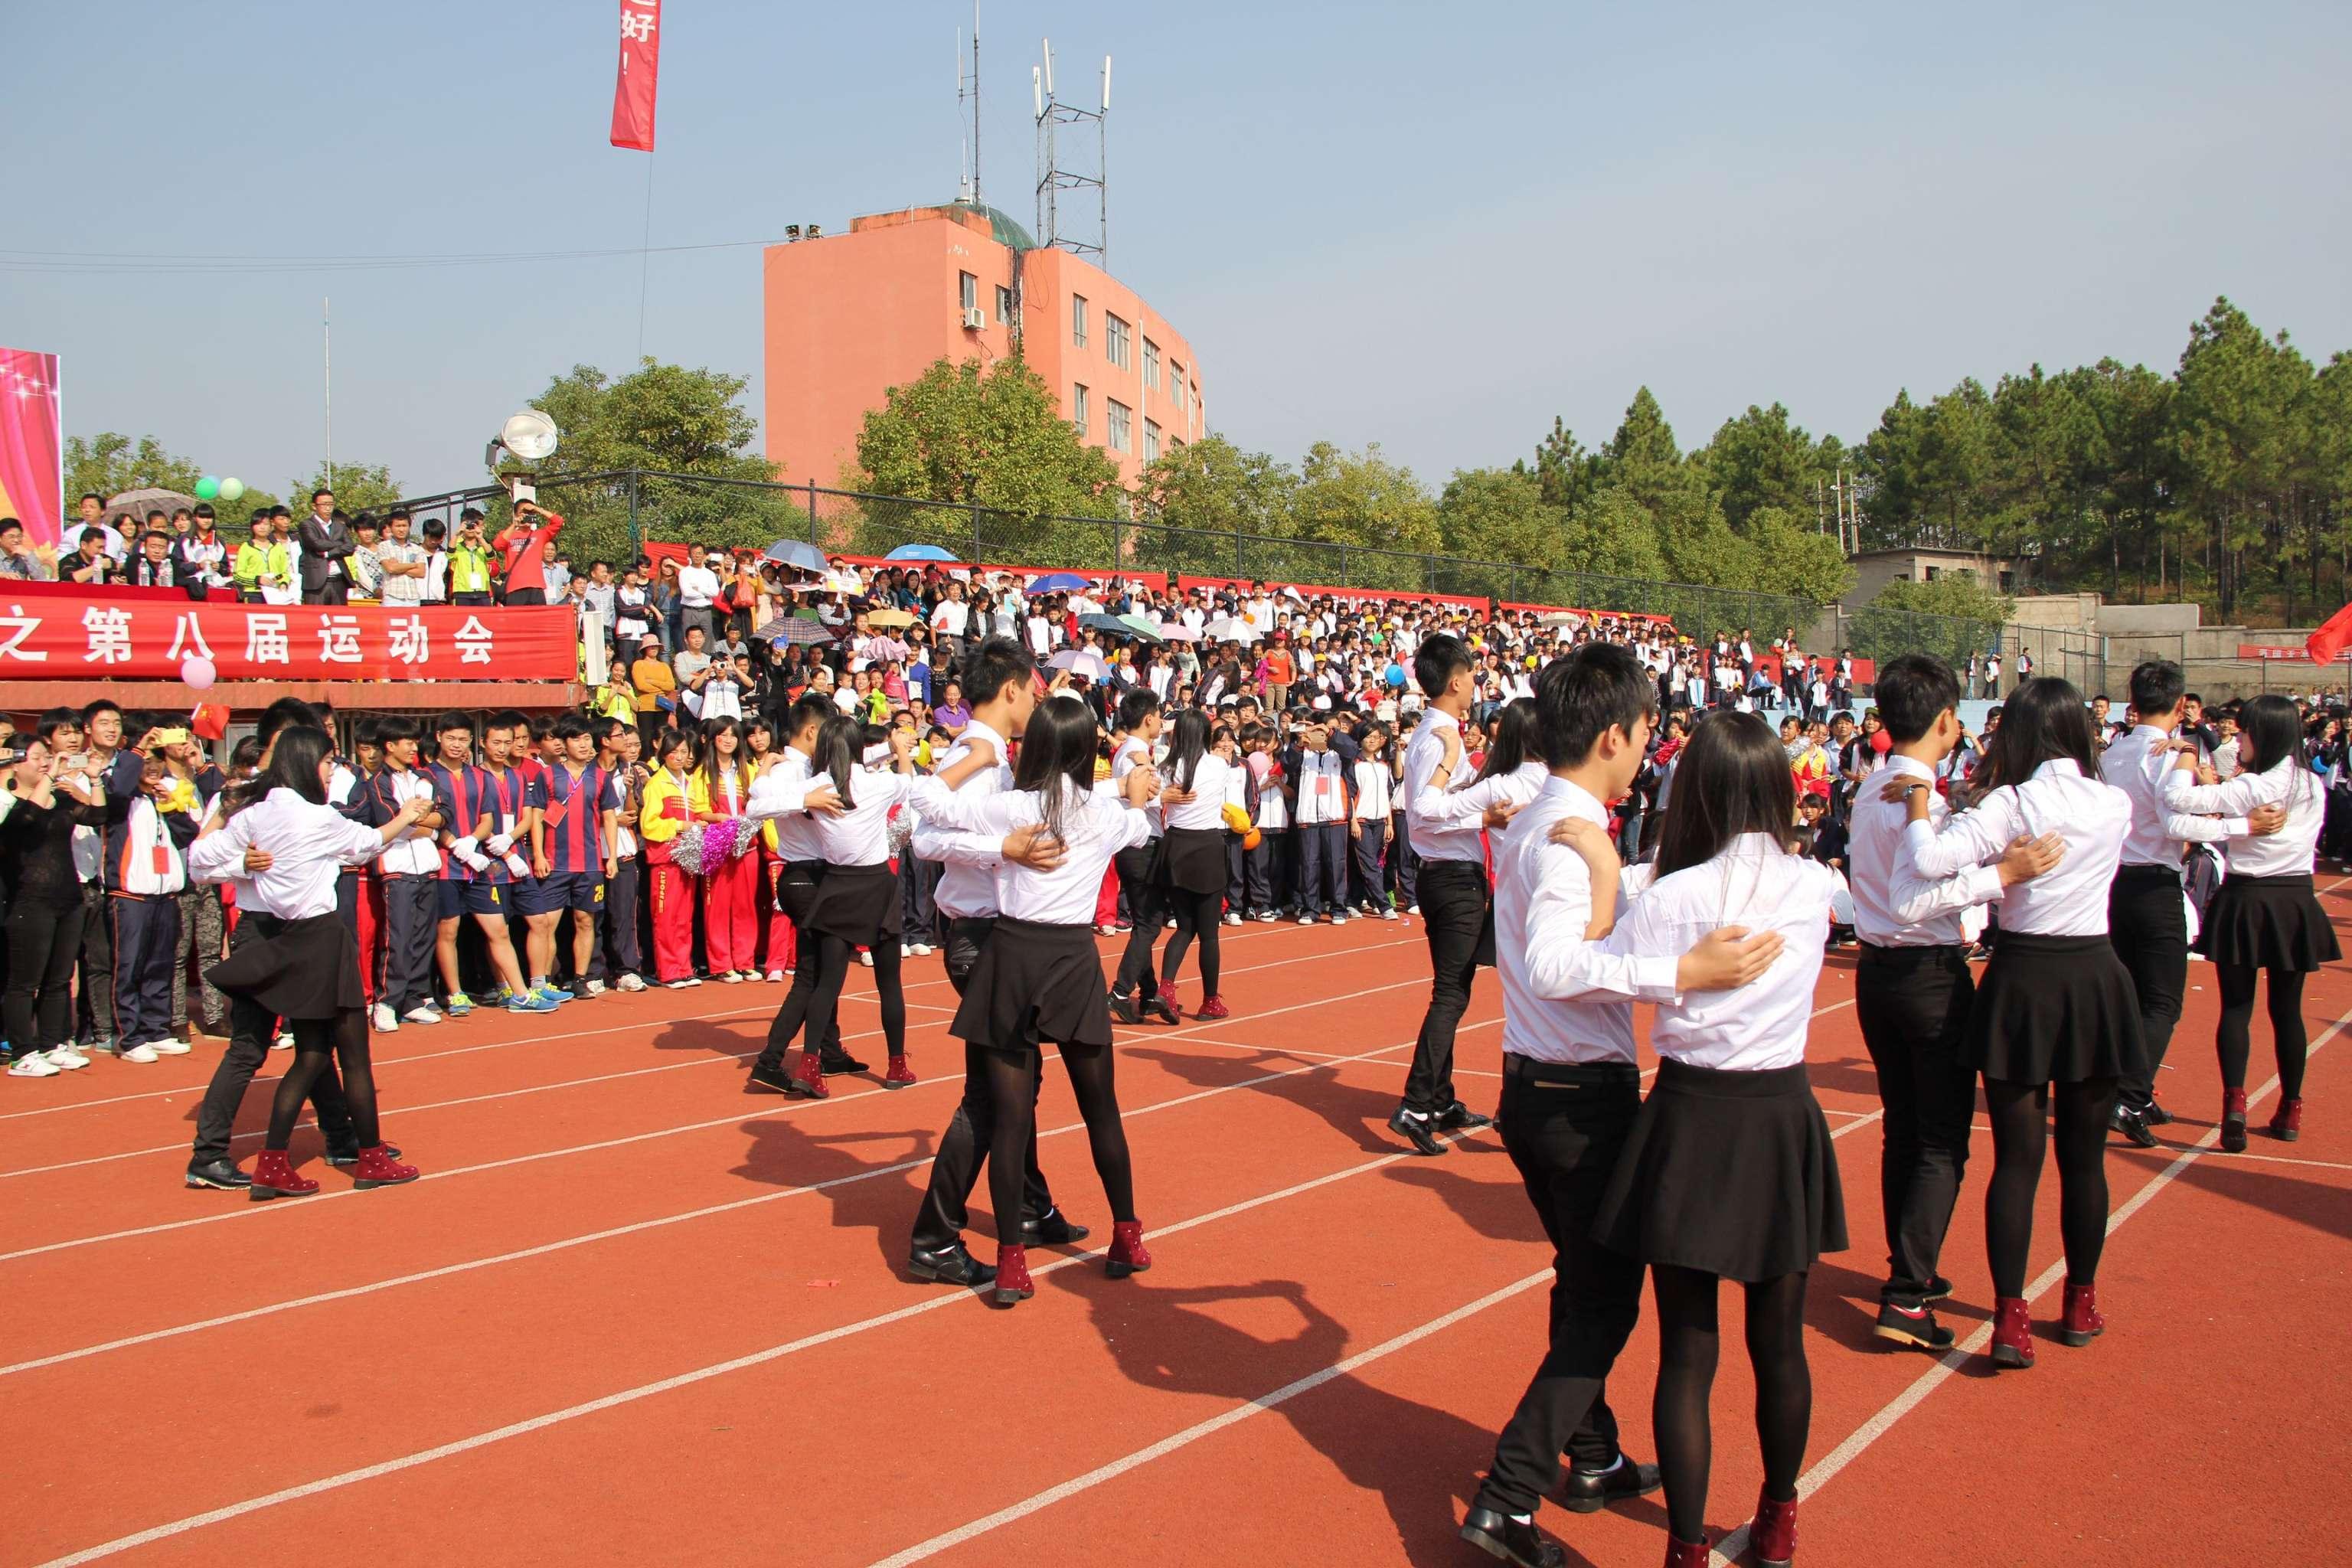 10月27日我校首届文化艺术节暨第8届校运会在校田径运动场隆重举行